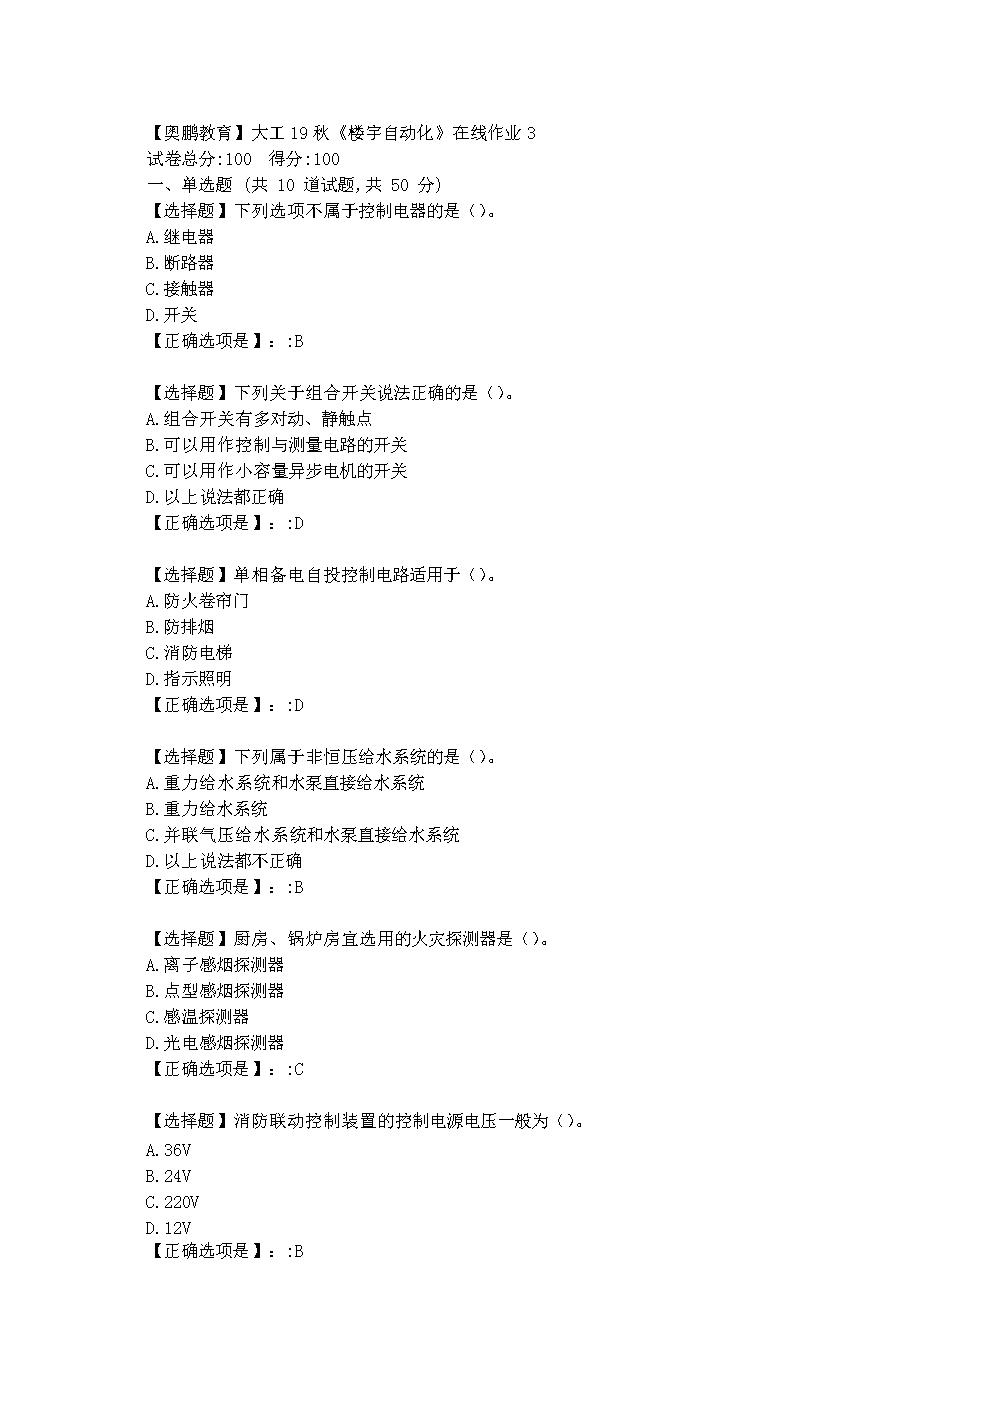 大连理工大学19秋《楼宇自动化》在线作业3学习资料.doc